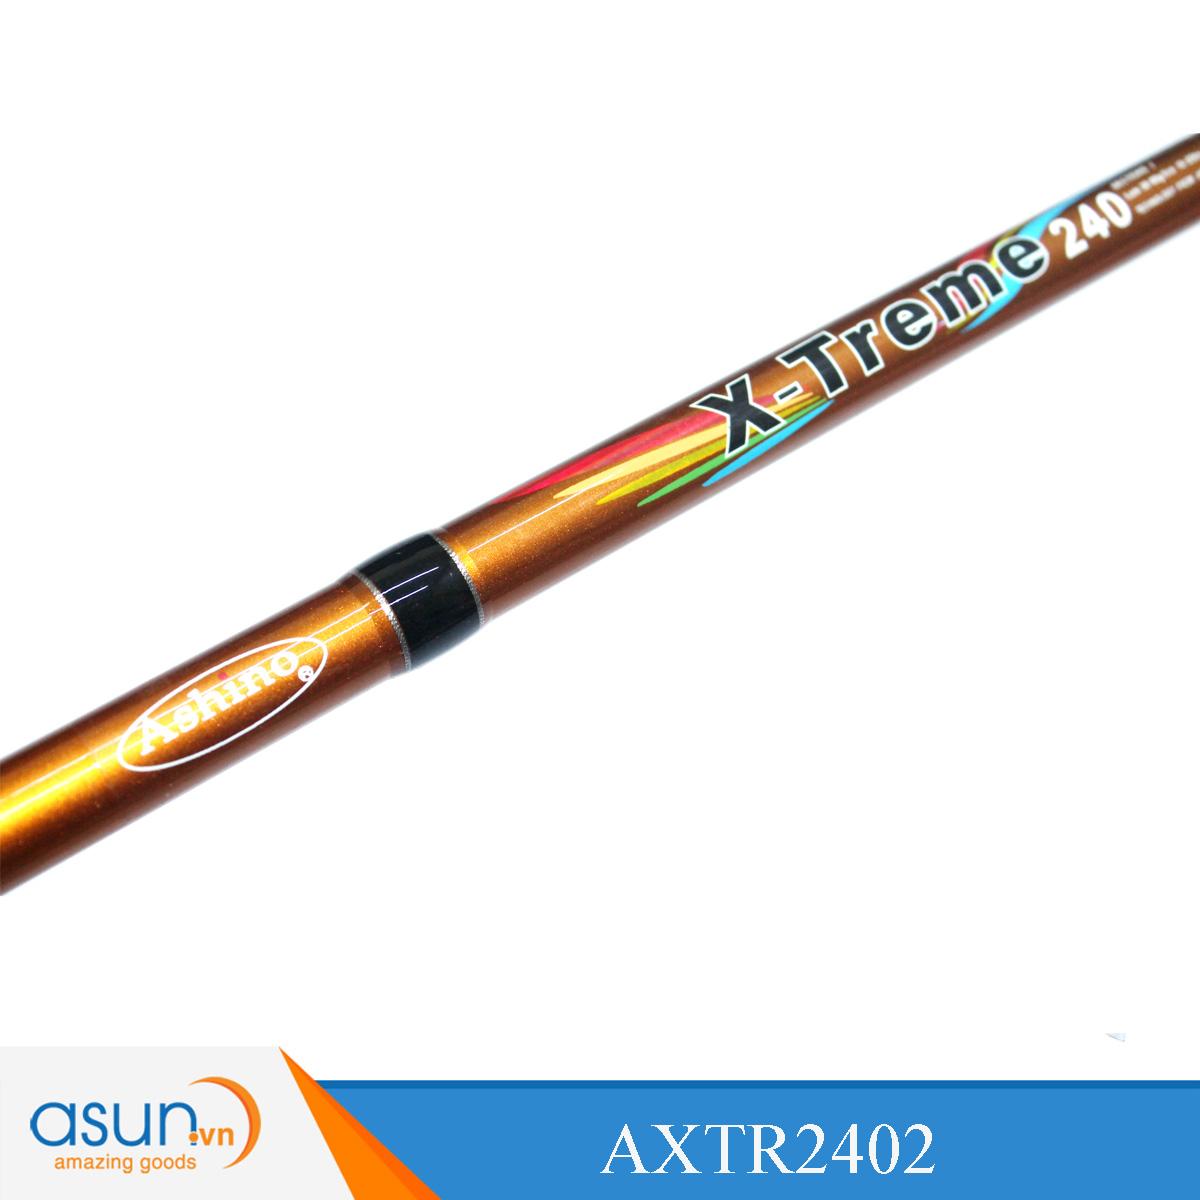 Bộ Combo Cần Câu Ashino X treme 2m4 - Máy Câu HN3000- Dây Cước Nhện